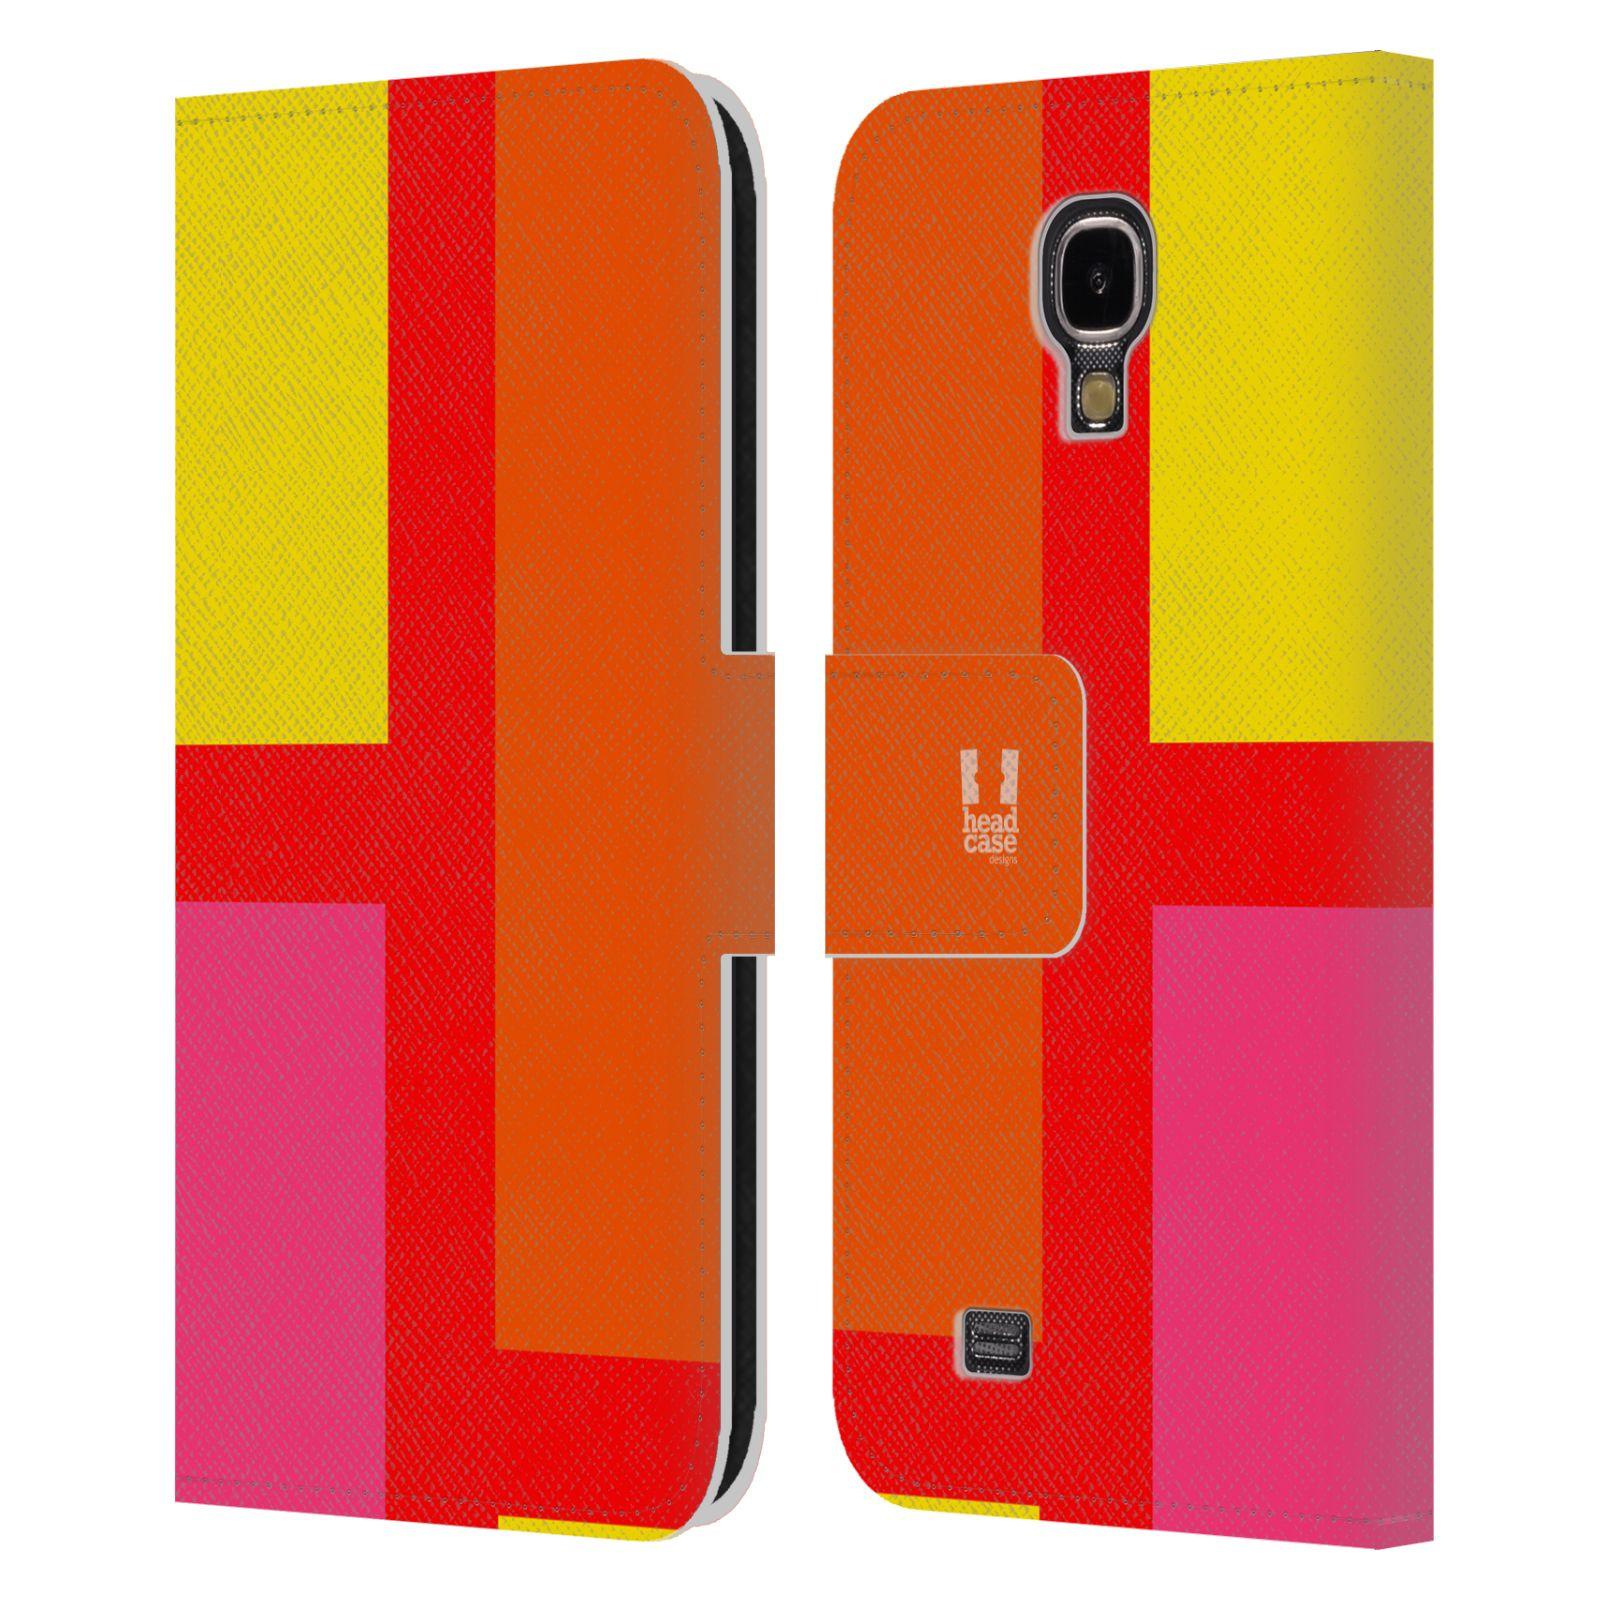 HEAD CASE Flipové pouzdro pro mobil Samsung Galaxy S4 I9500 barevné tvary oranžová ulice